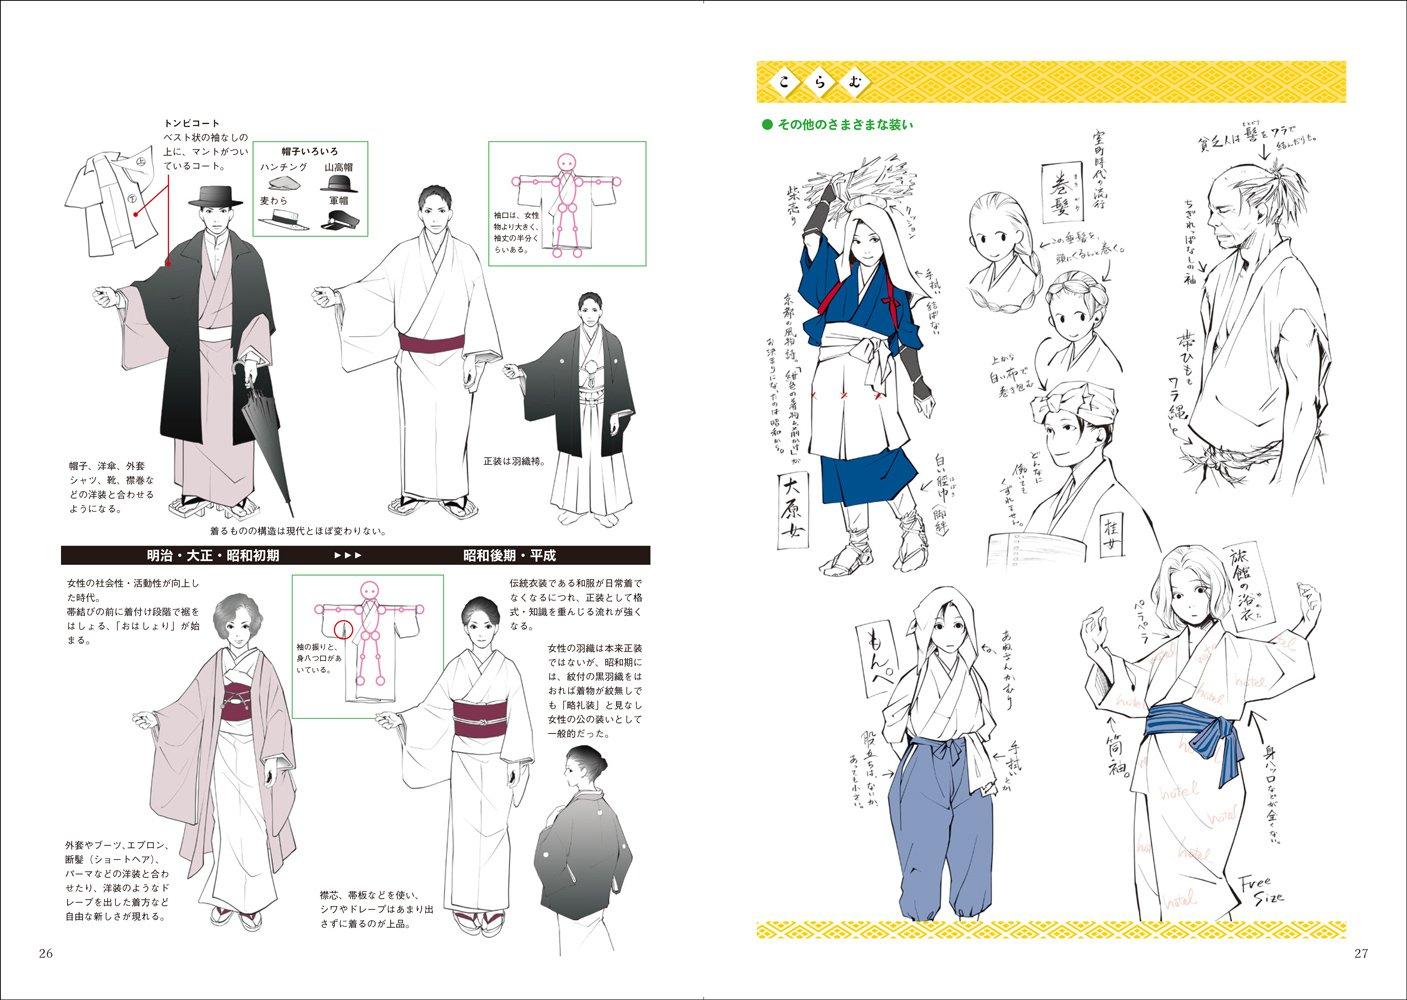 和装の描き方 玄光社mook Yanami 二階乃書生 Jukke 菊地ひと美